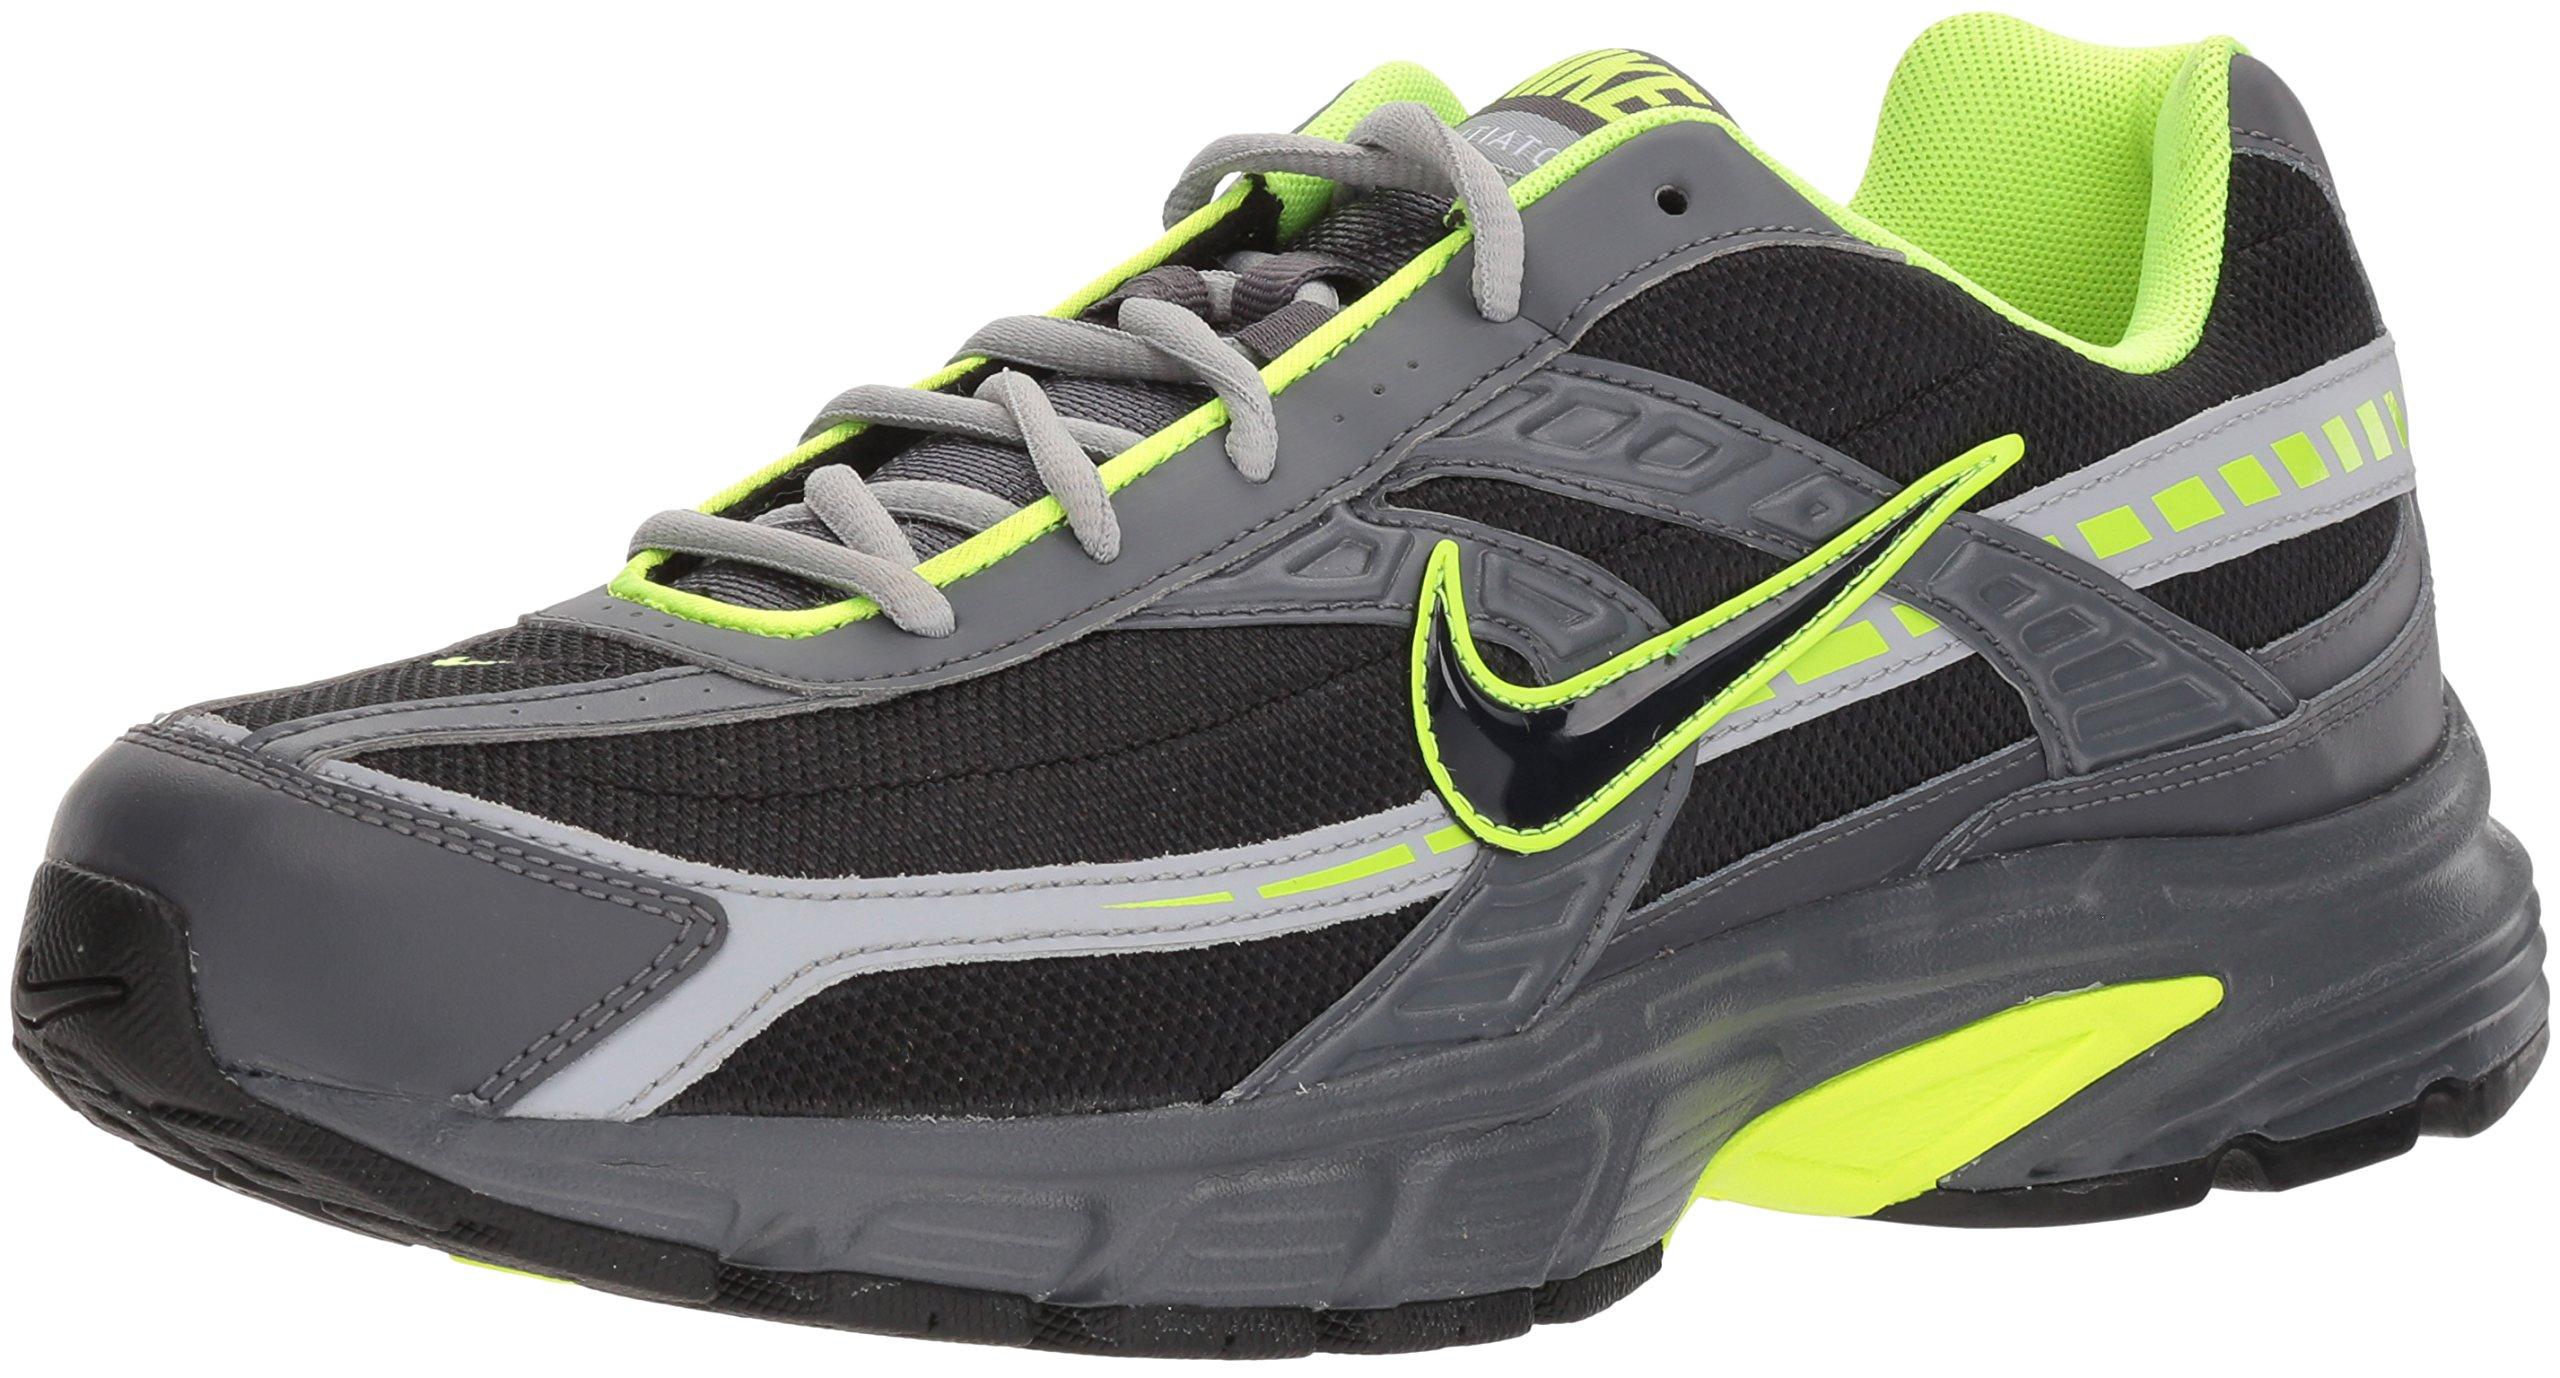 083b36c84e6 Galleon - NIKE Men s Initiator Running Shoe